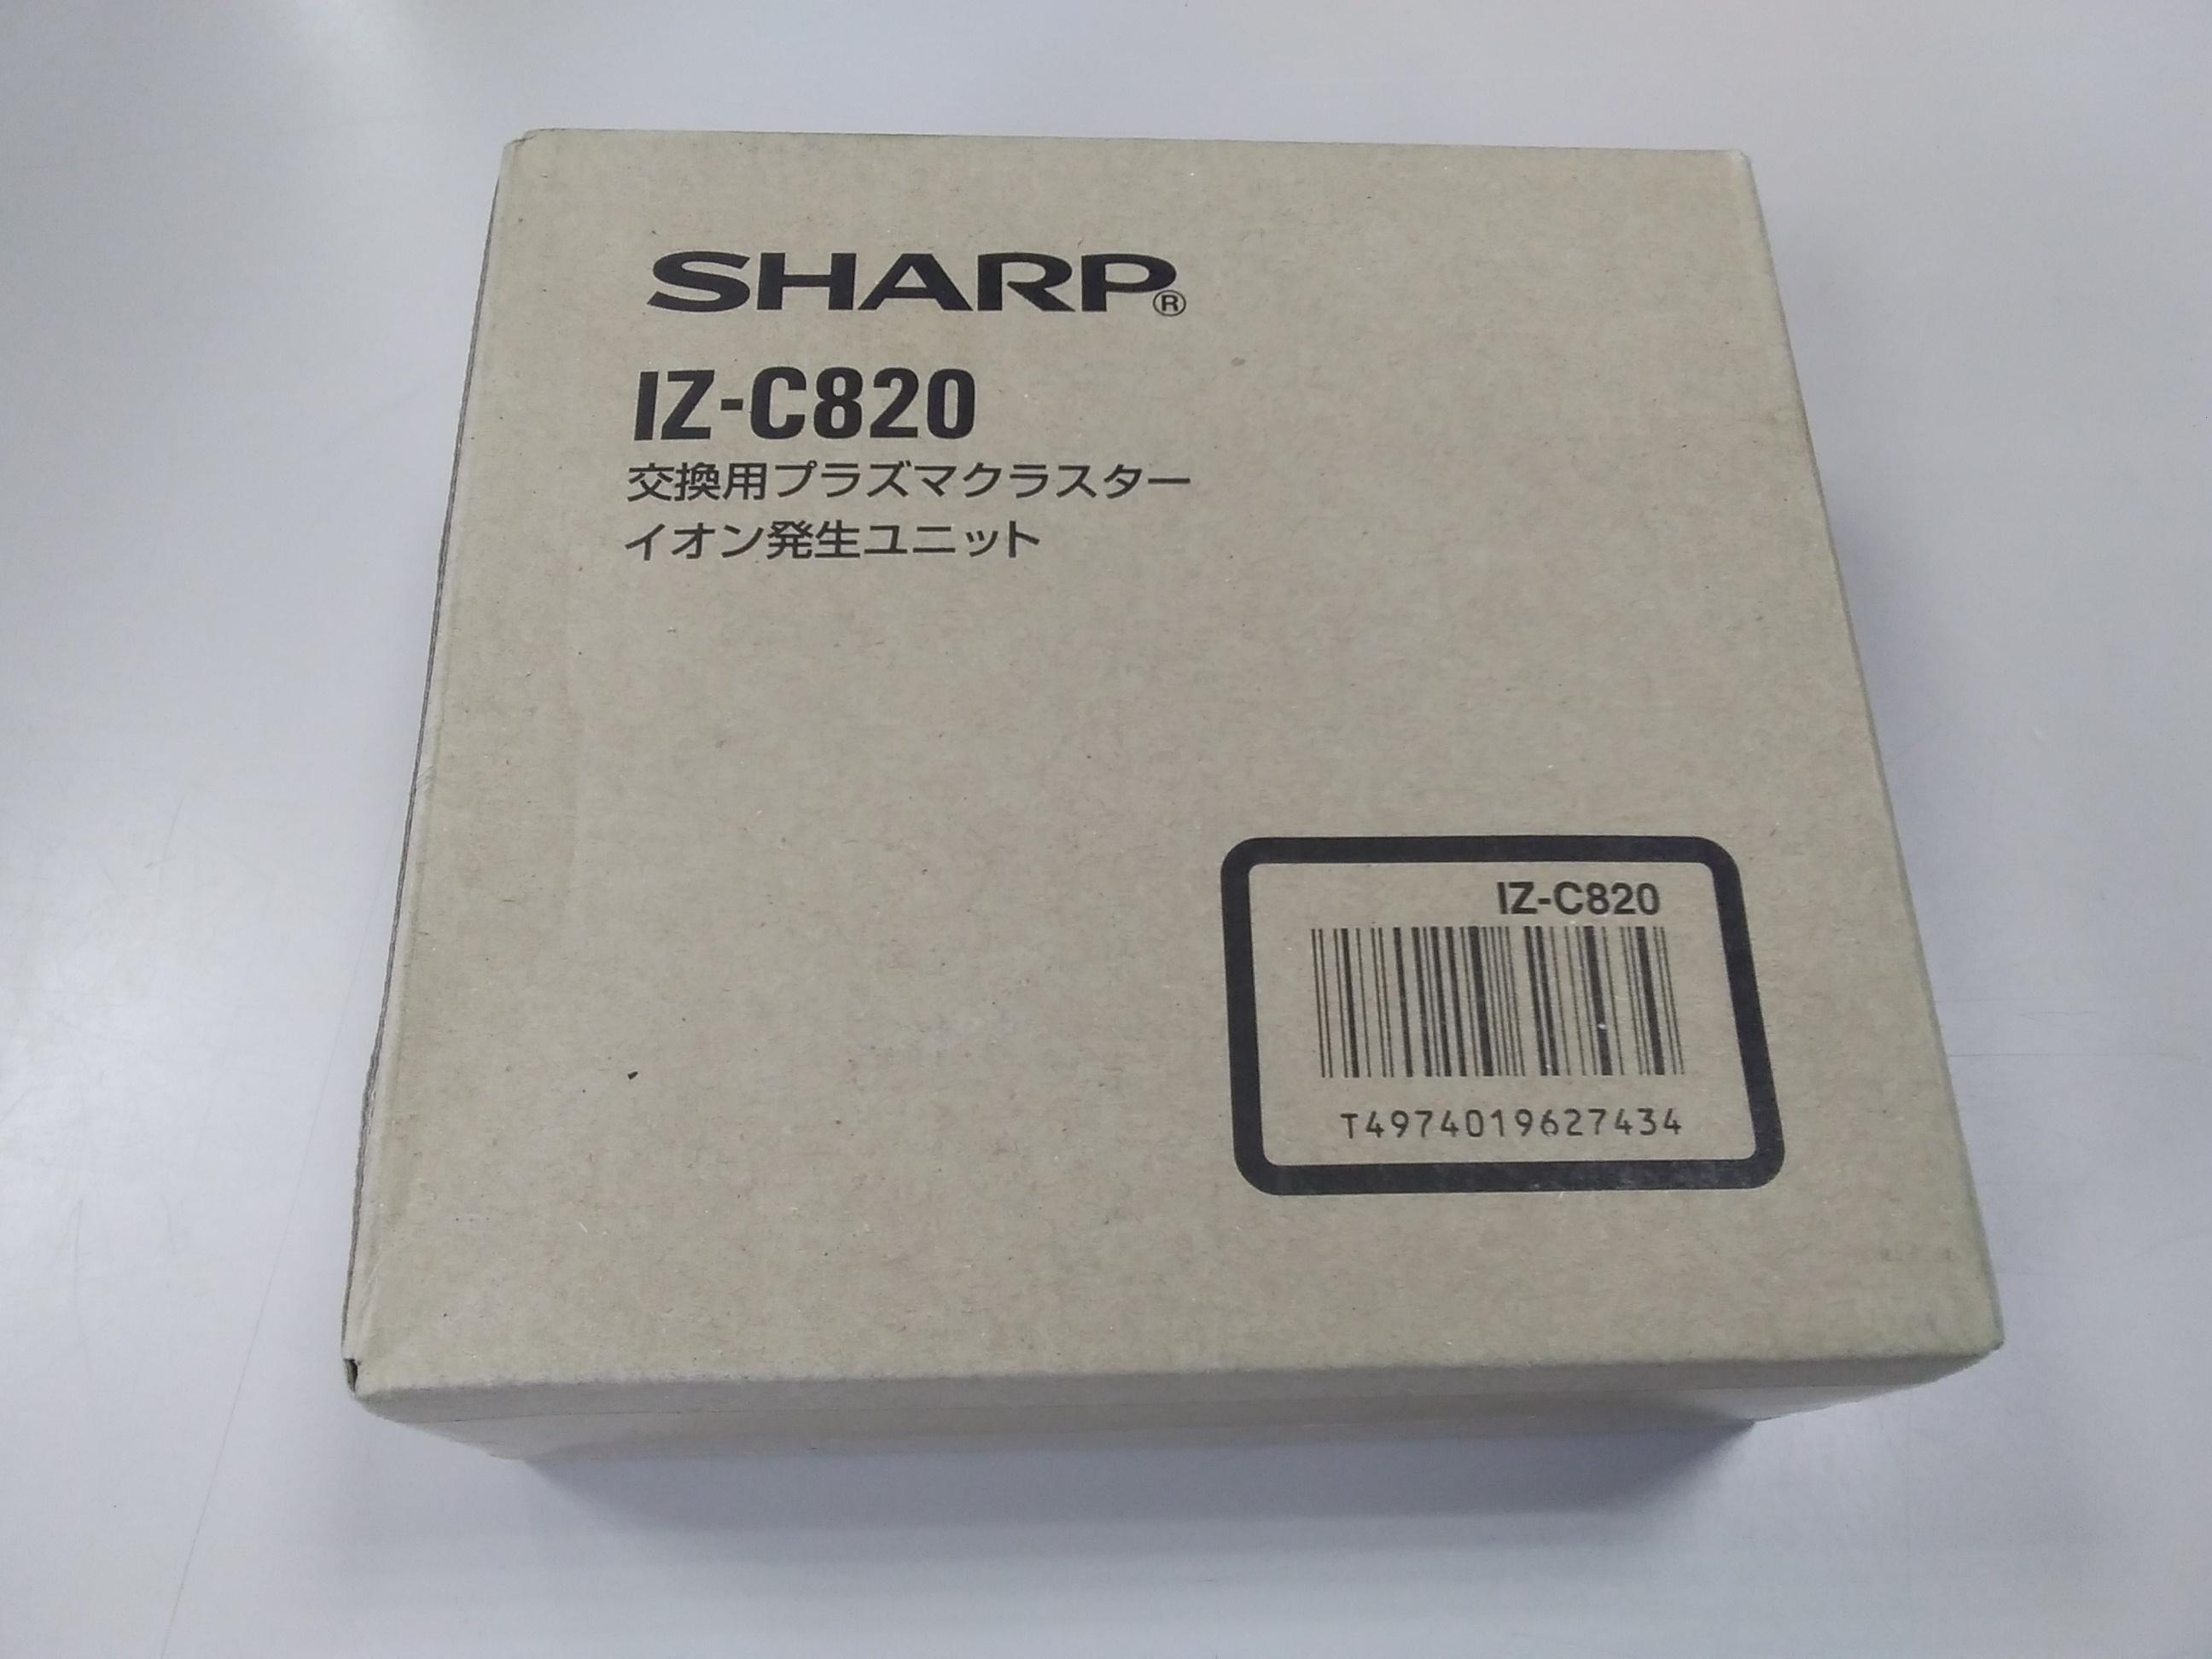 IG-820用プラズマクラスターユニット SHARP